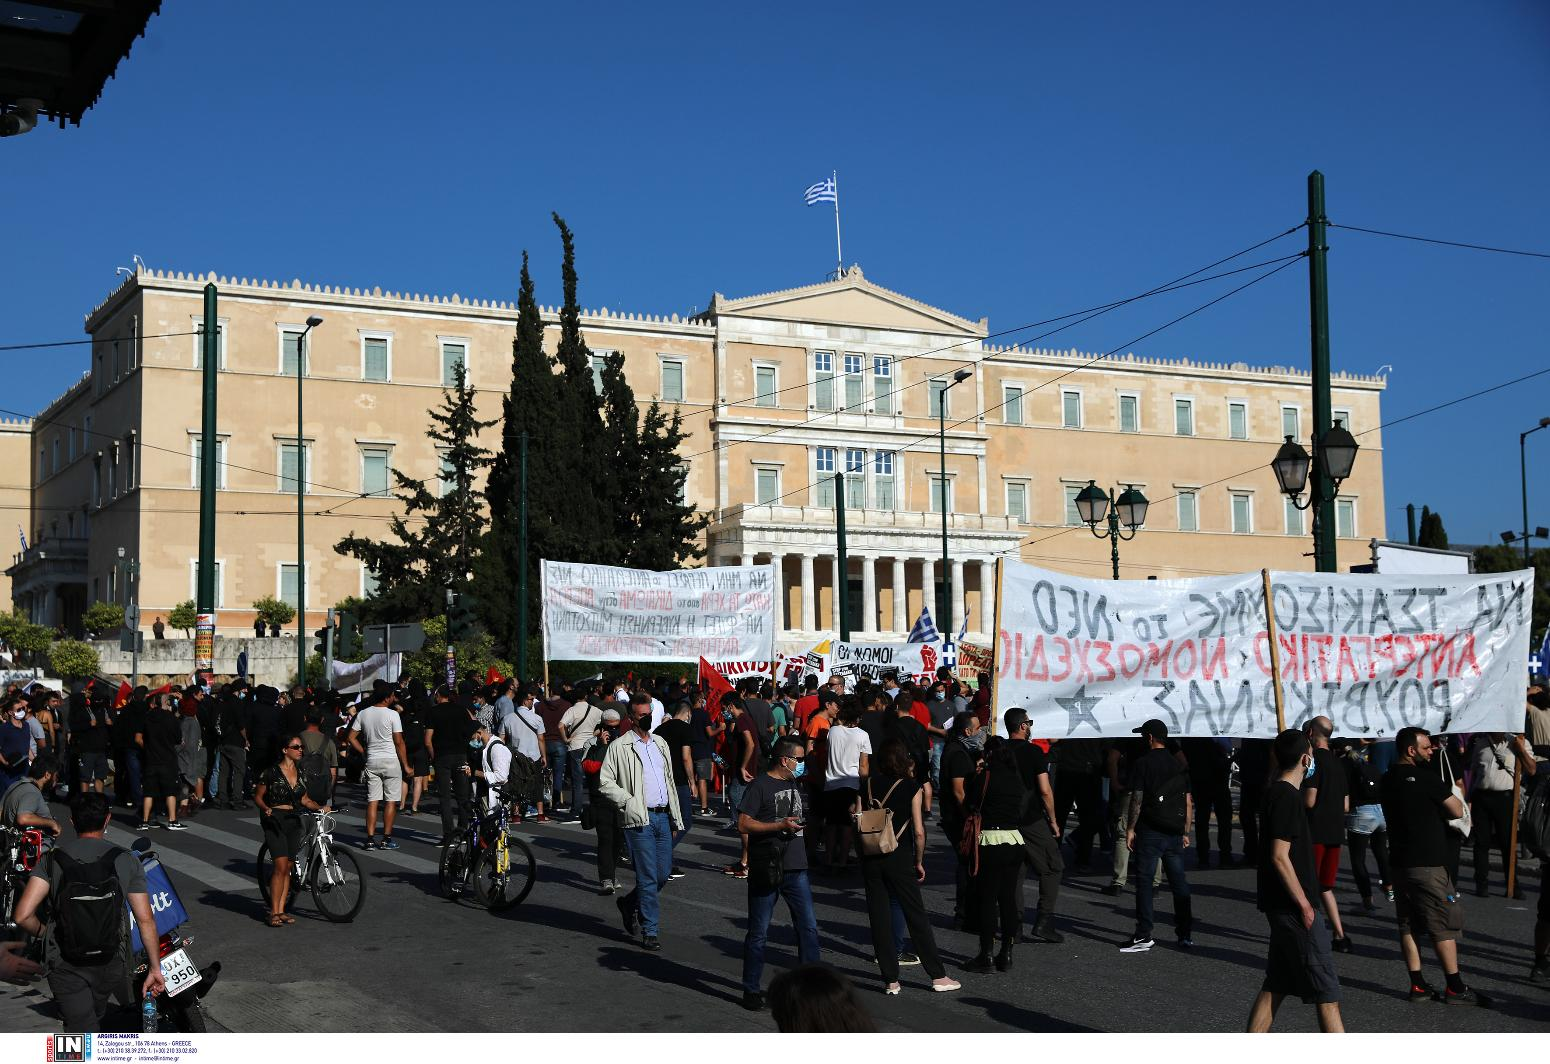 Συλλαλητήριο στο κέντρο για το εργασιακό νομοσχέδιο